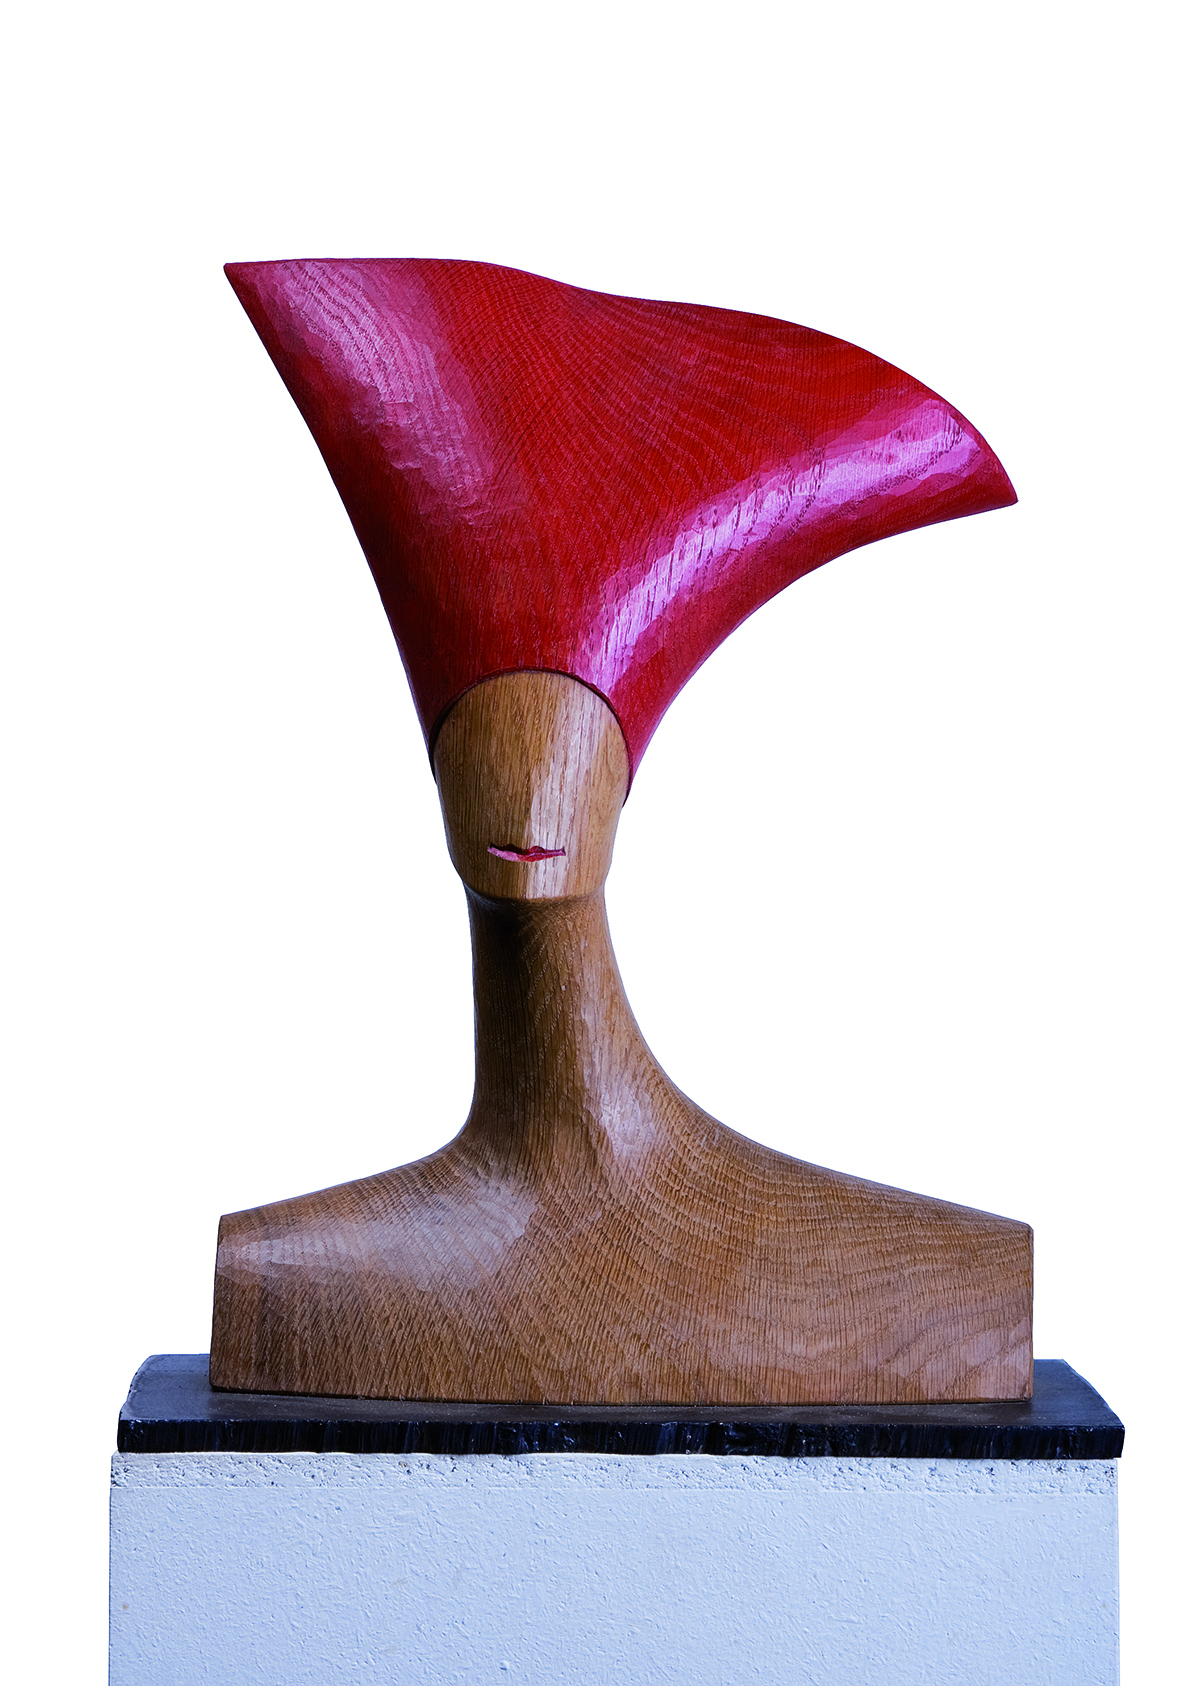 Roter Hut, Eiche, Höhe ca. 35 cm